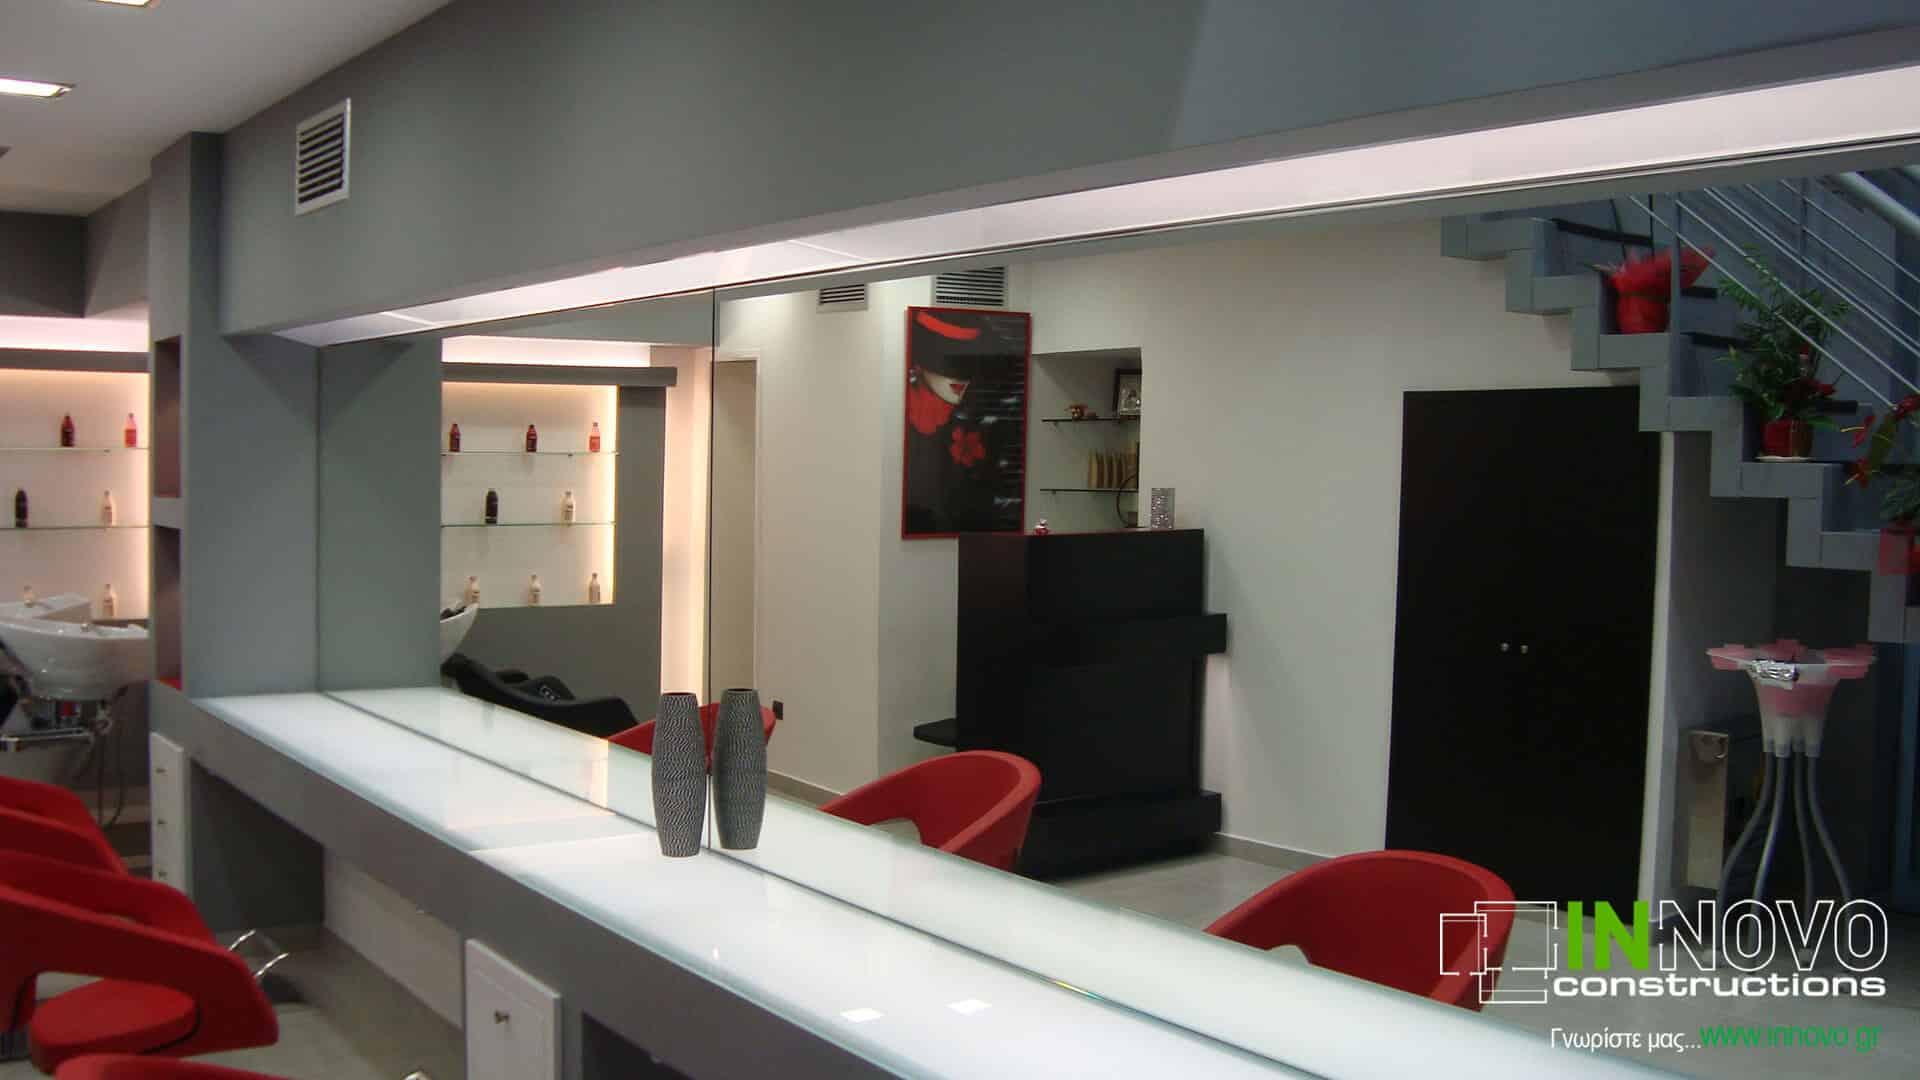 diakosmisi-kommotiriou-hairdressers-design-kommotirio-nafplio-1071-6